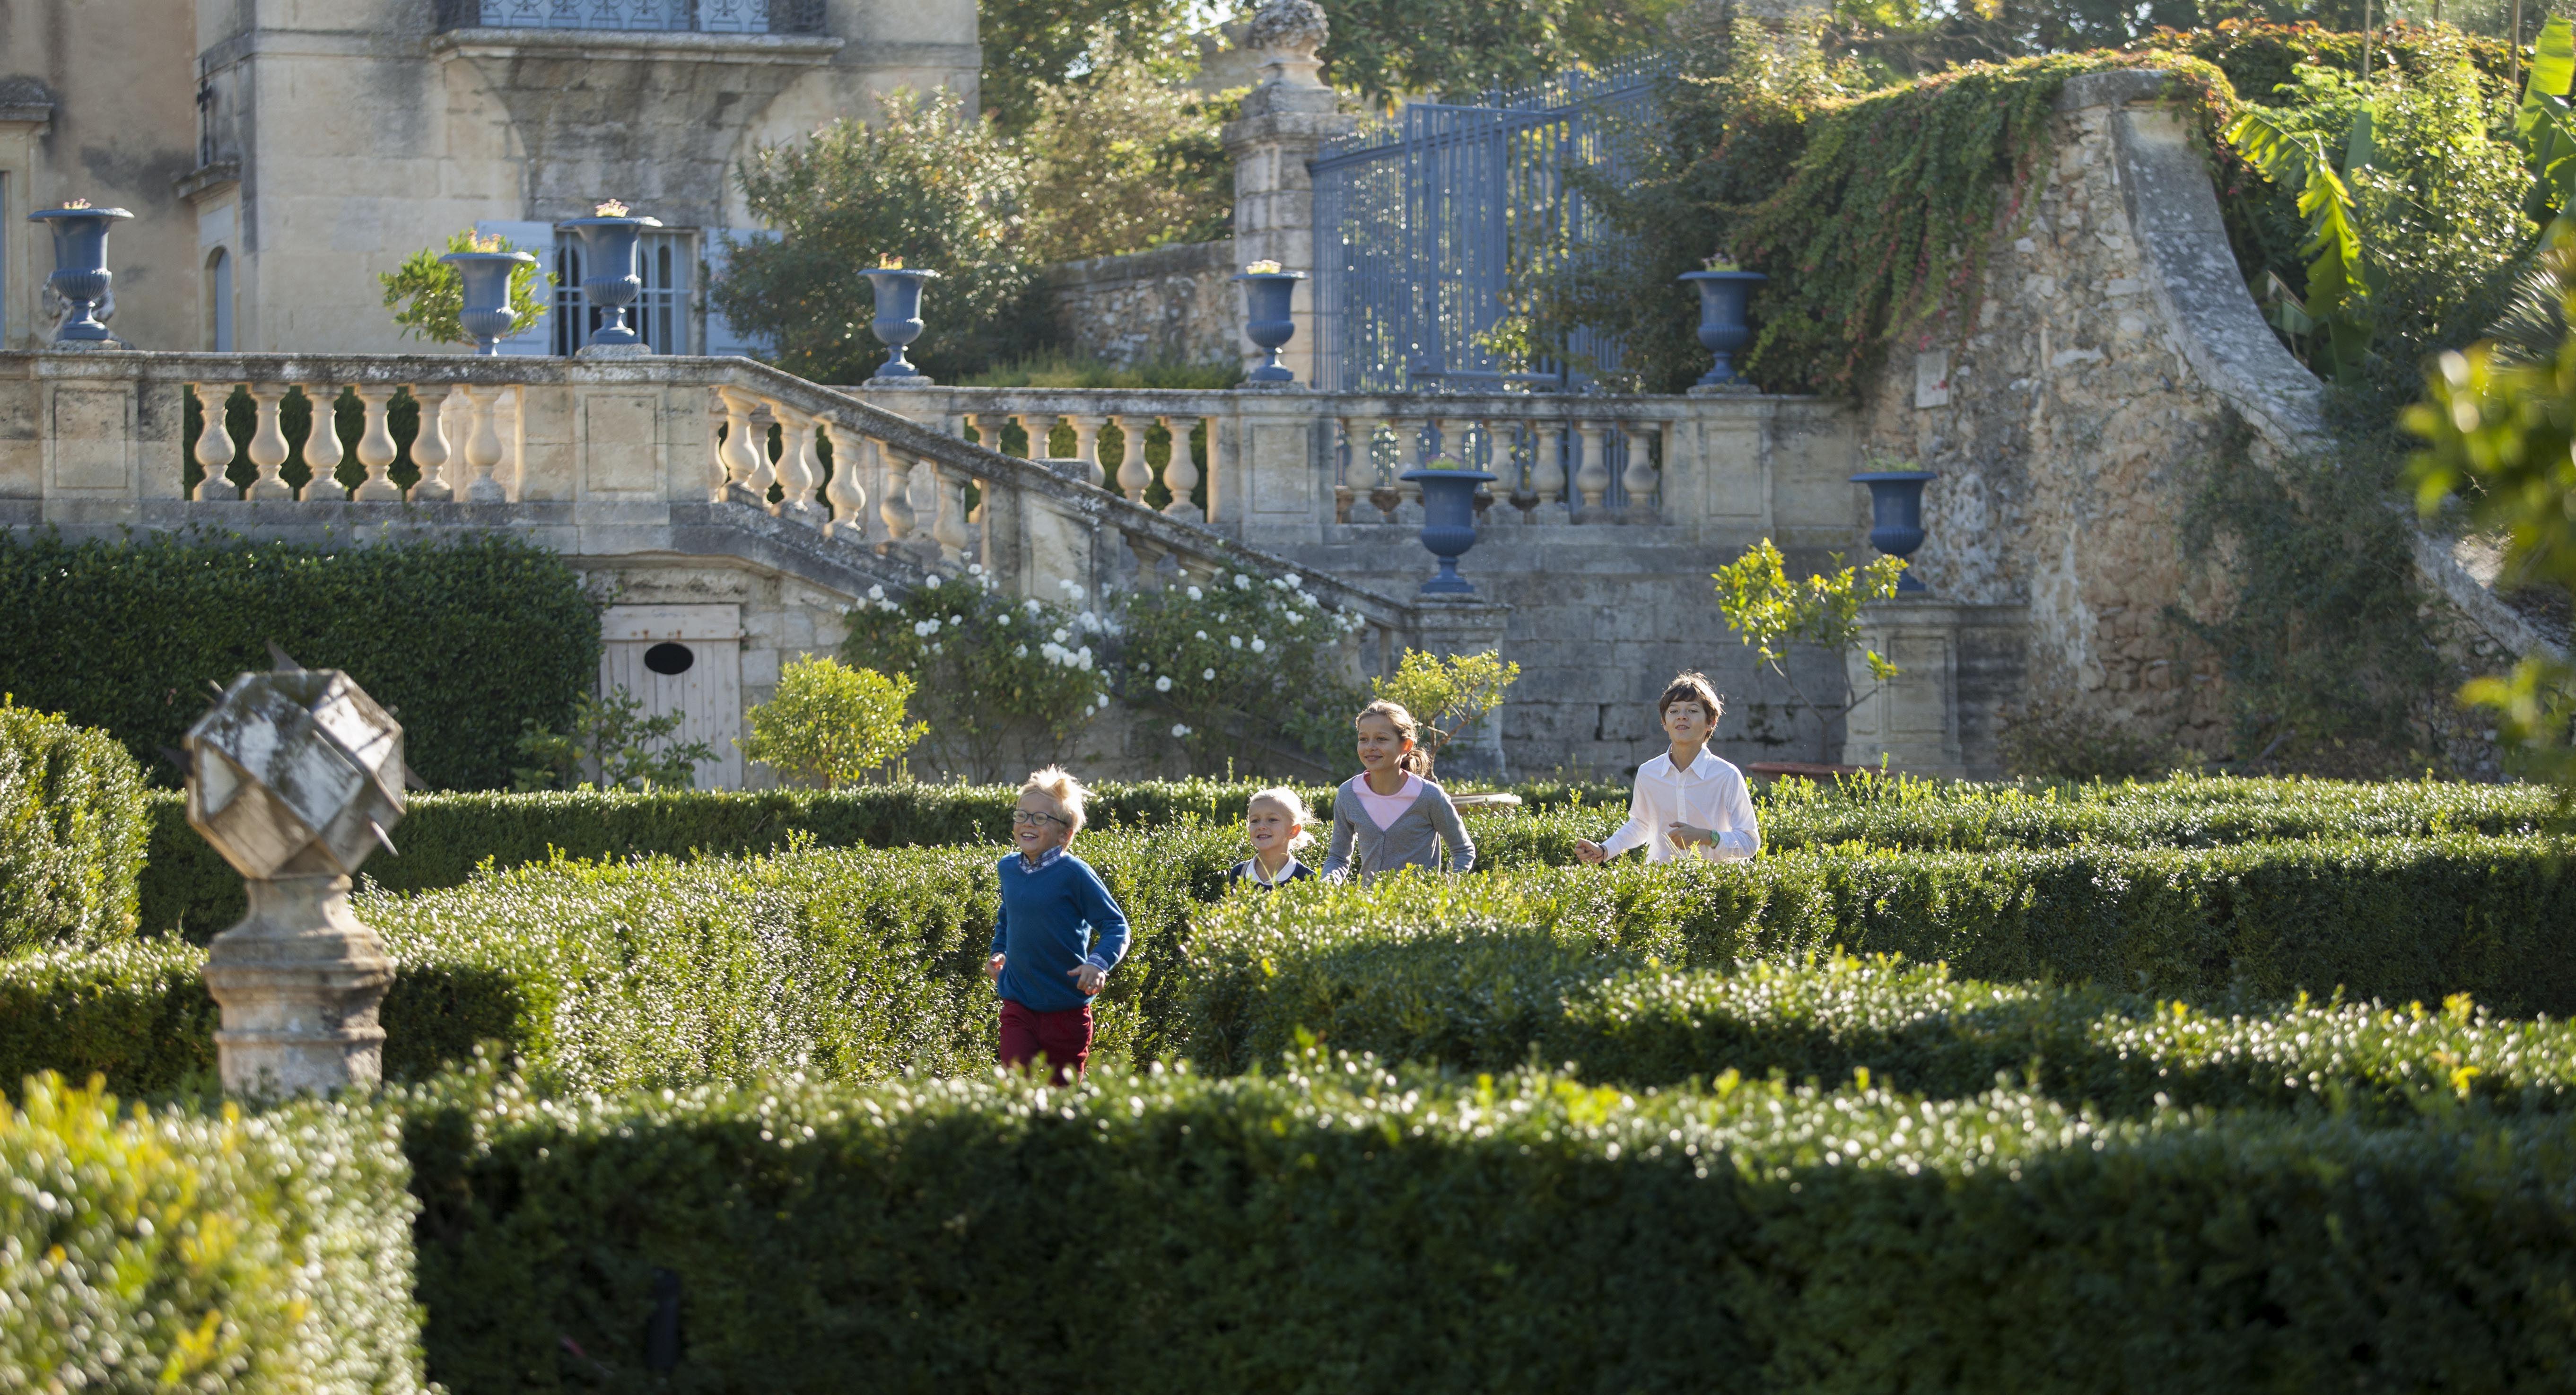 Caveau de dégustation et visite libre des jardins du Château de Flaugergues